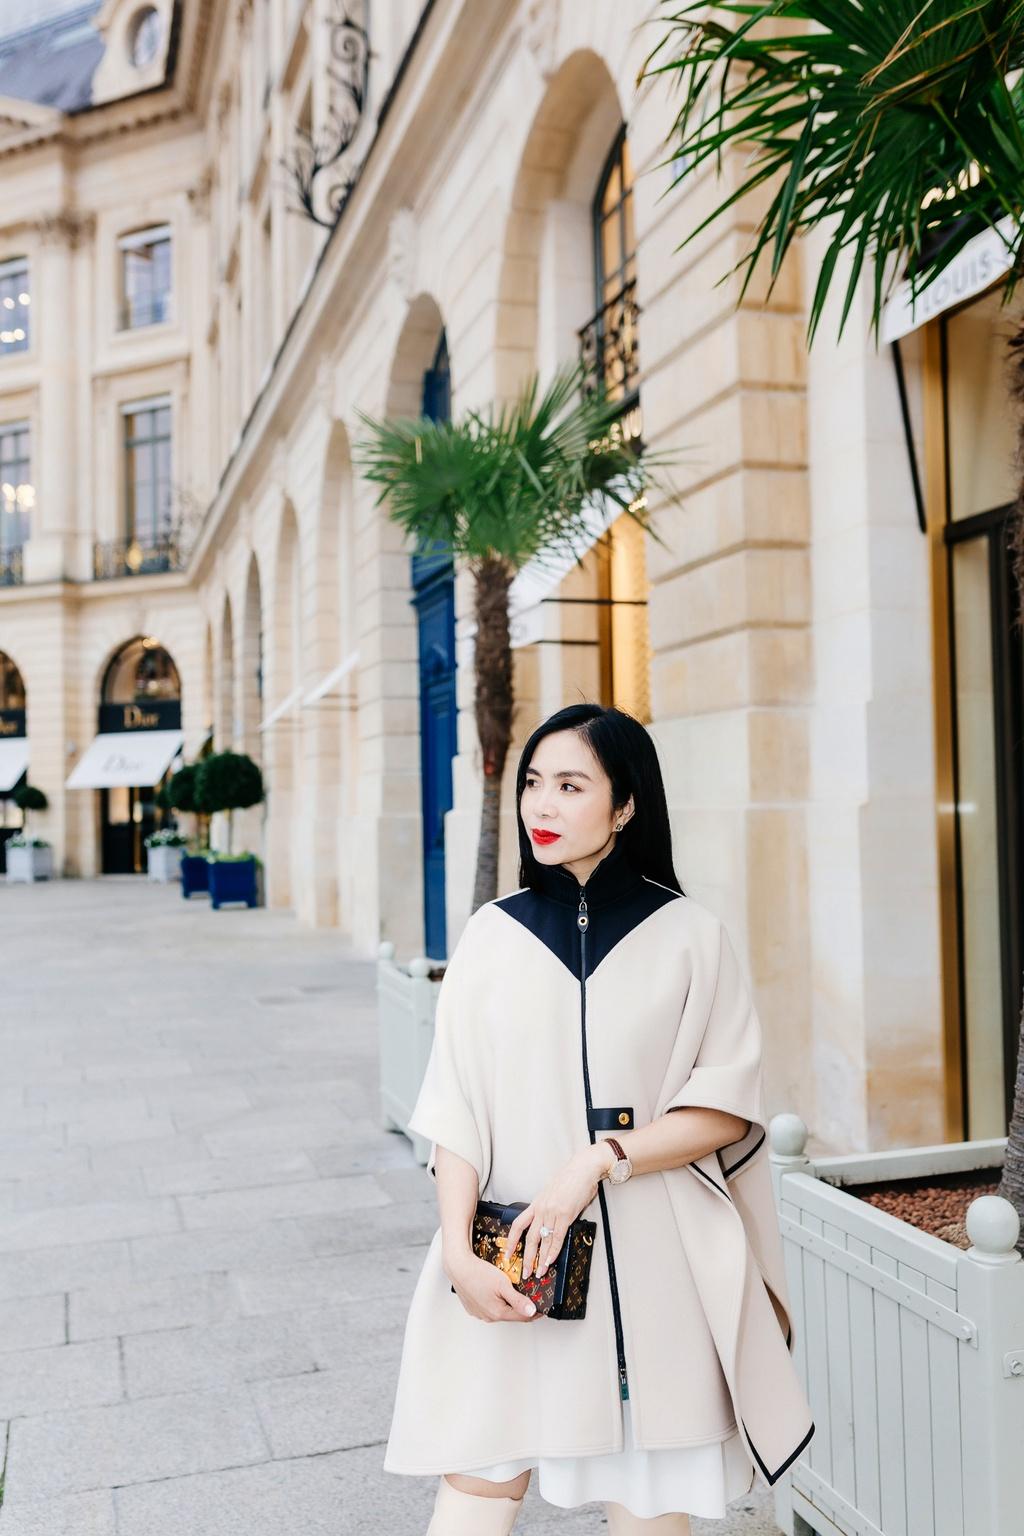 CEO Elise duoc Louis Vuitton moi du show xuan he hinh anh 1